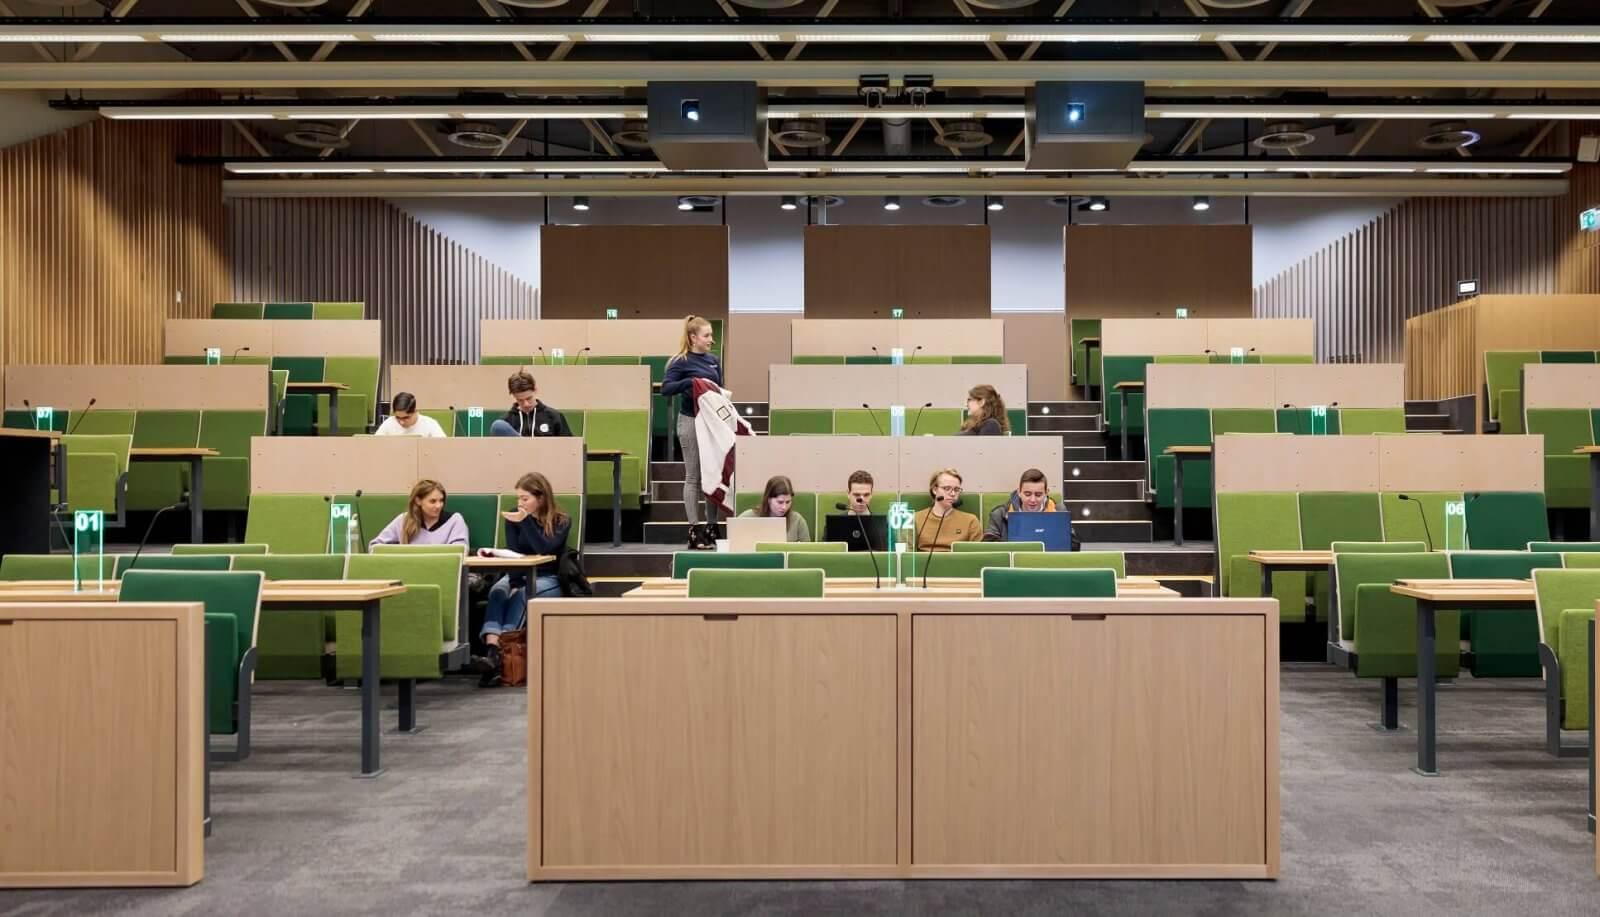 Collegezaal vooraanzicht | UMC Amsterdam faculteit